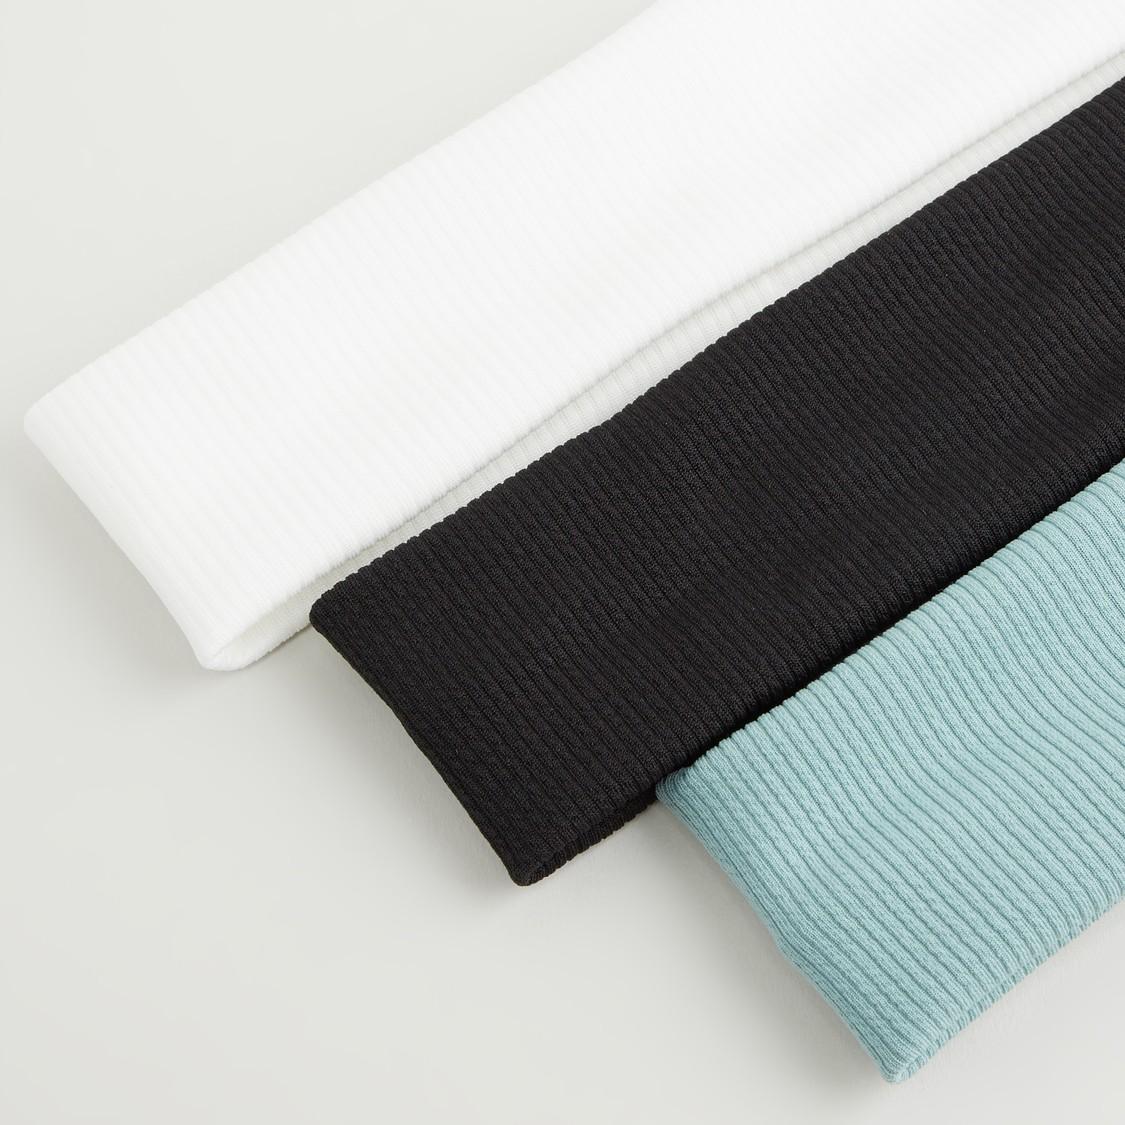 Set of 3 - Elasticated Hairband